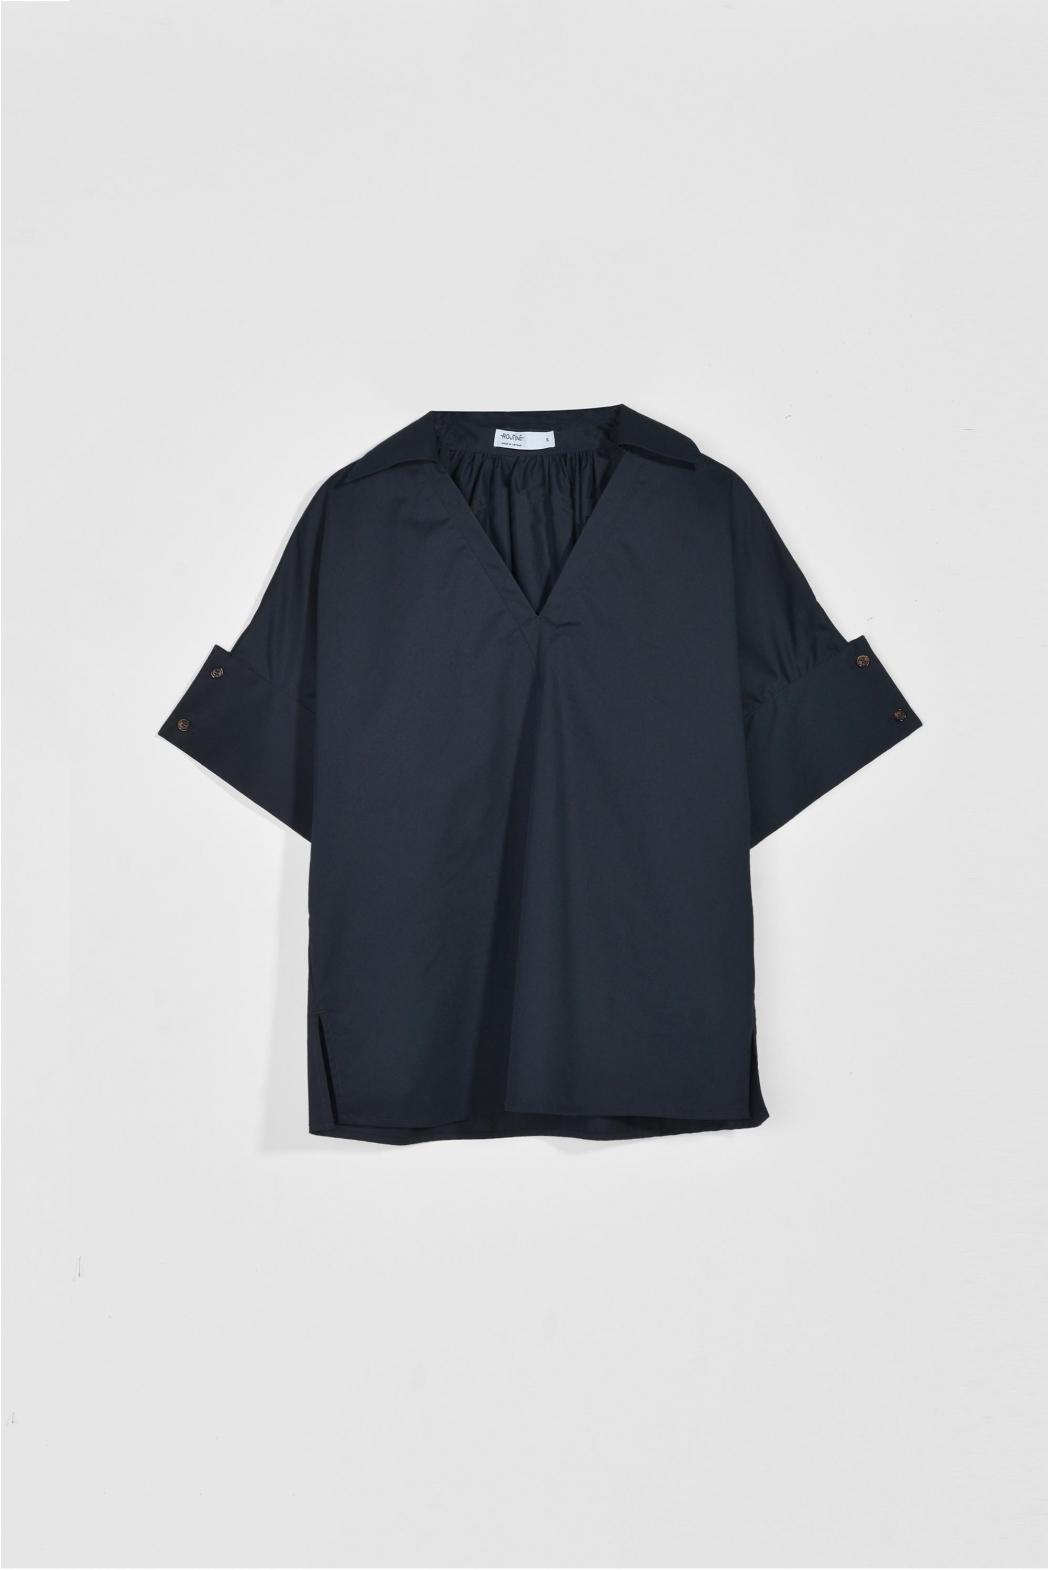 Áo kiểu măng séc to. Cotton twill silk - 10F20SHSW005